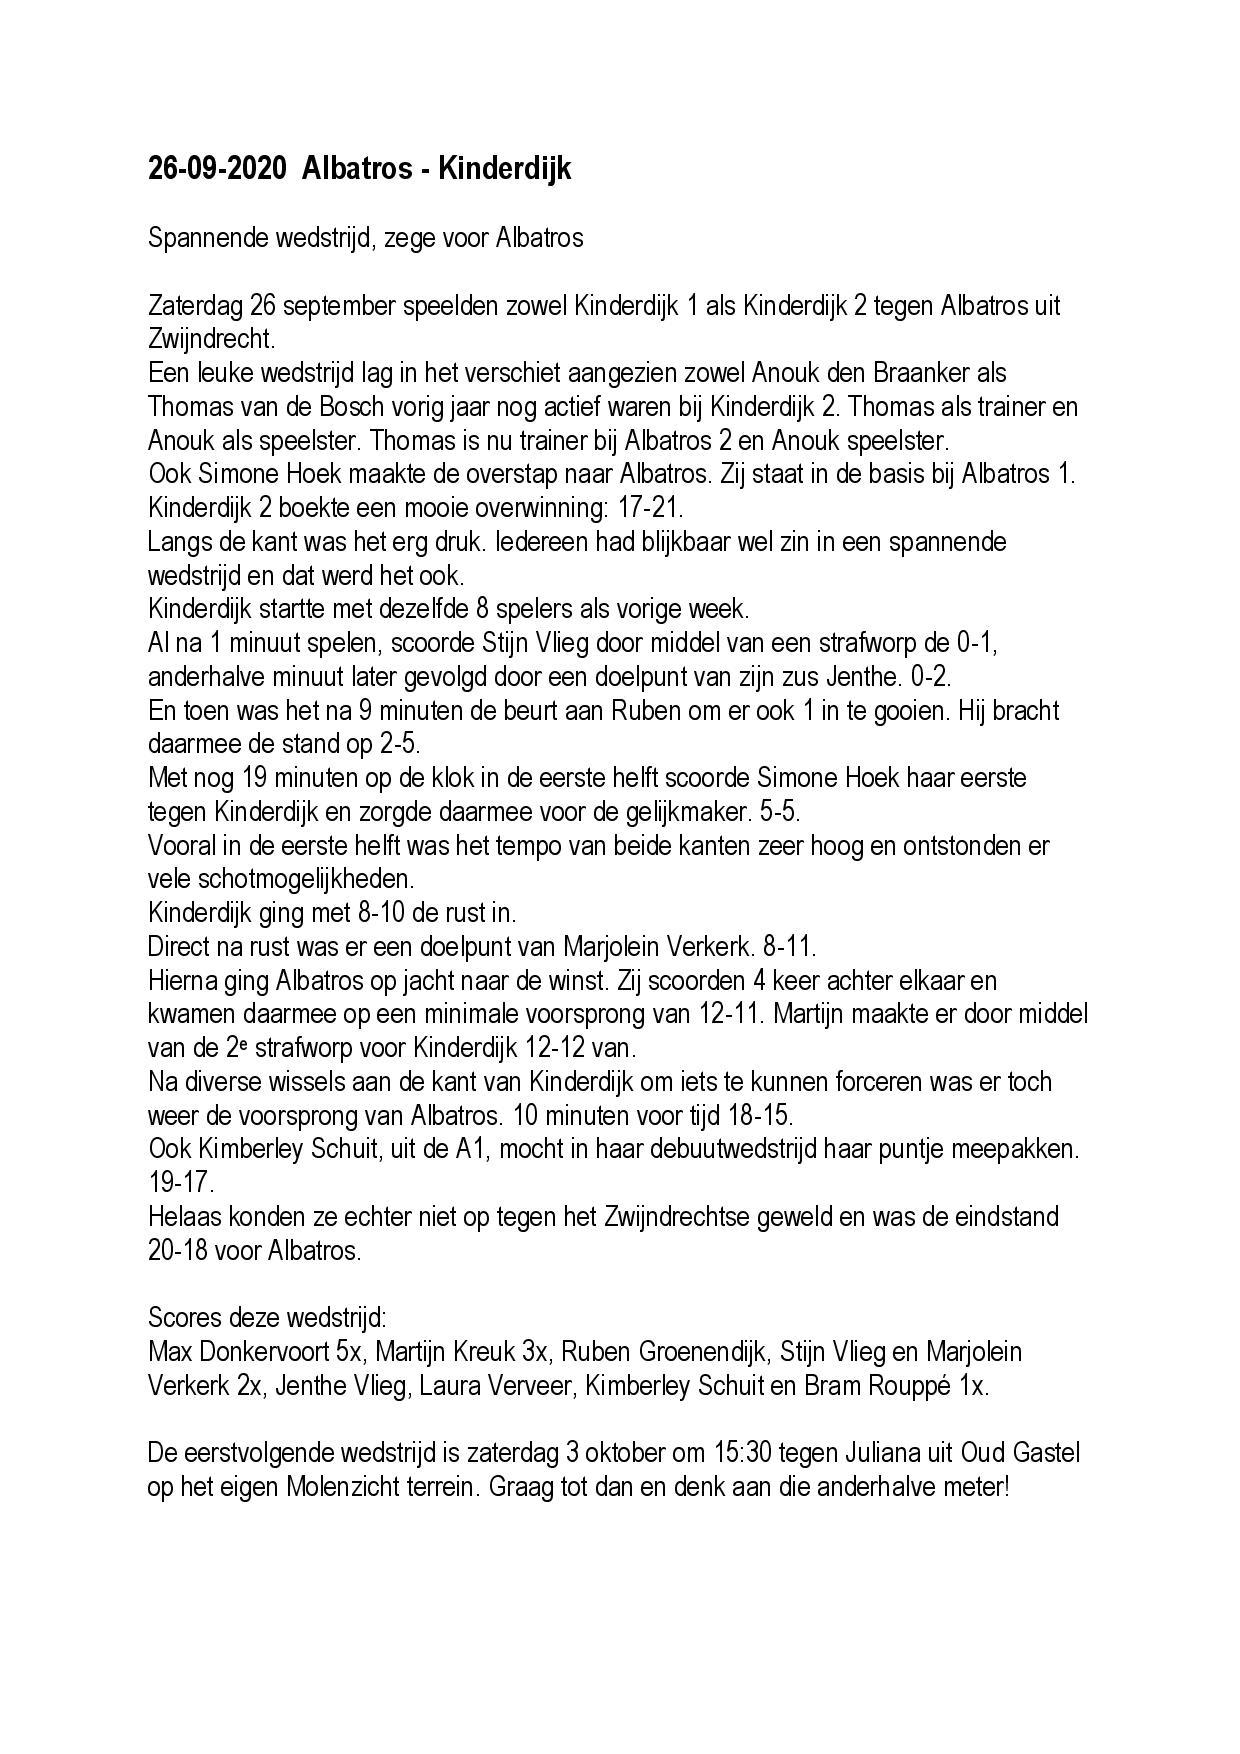 Wedstrijdverslag 26-09-2020  Albatros - Kinderdijk